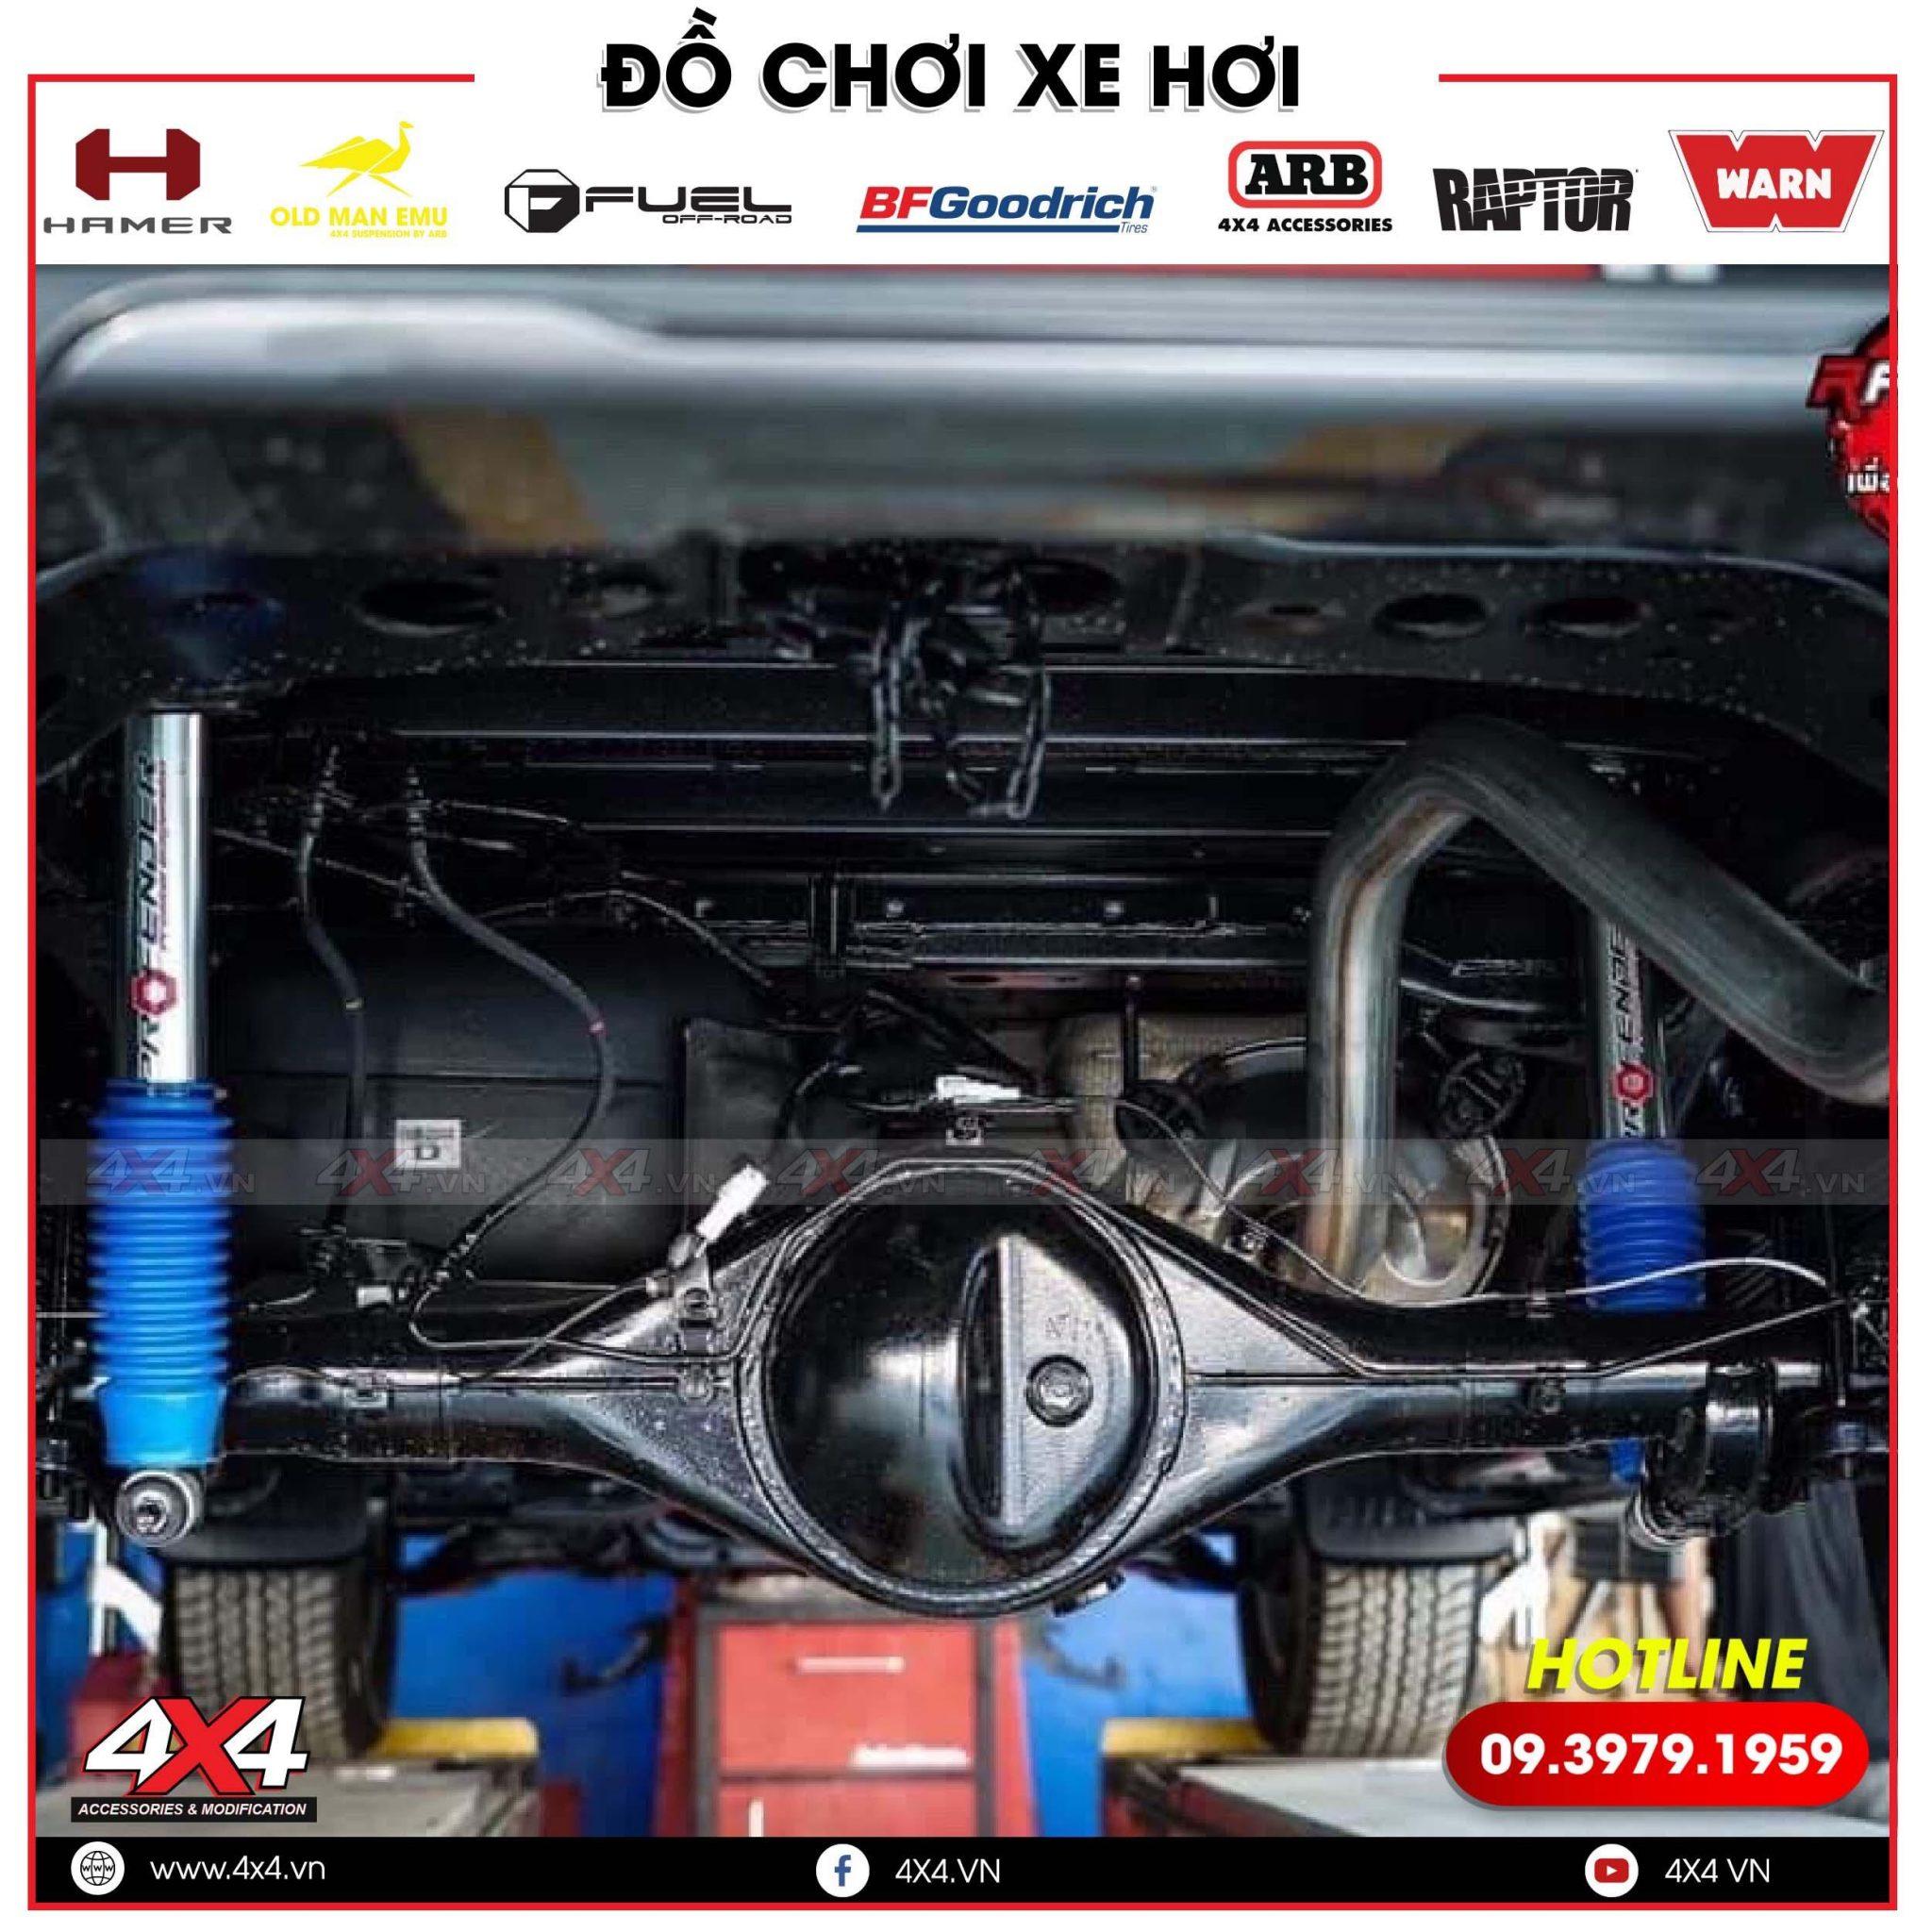 Xưởng Độ Bán Phuộc Profender Dành Cho Mazda BT50 Chất Lượng Tốt Nhất